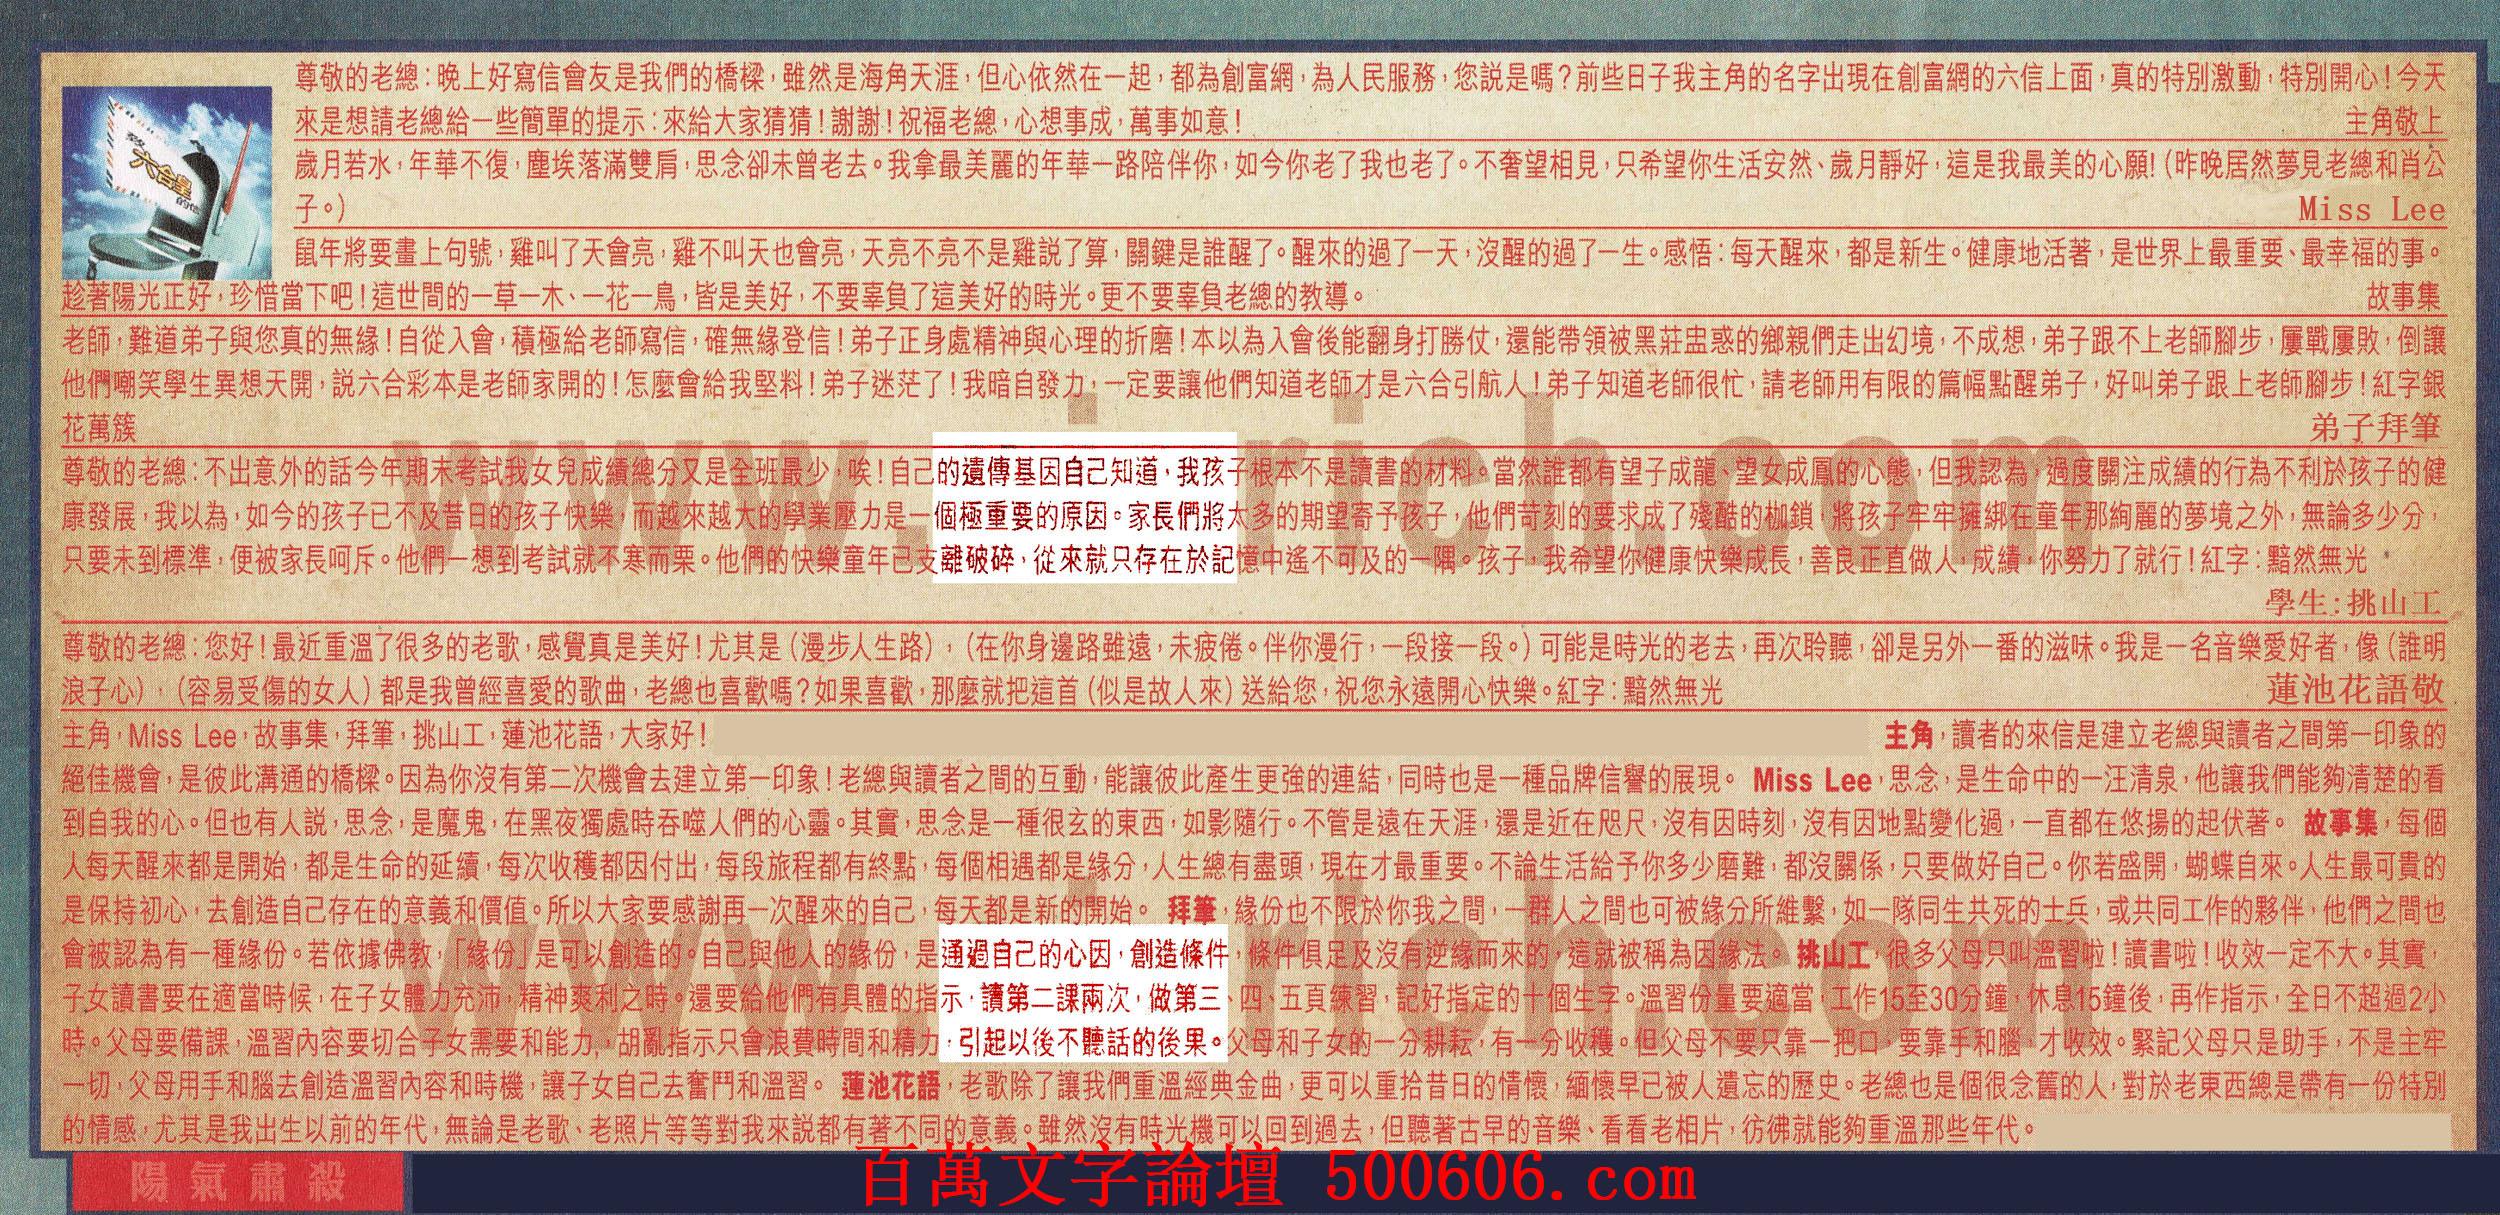 008期:彩民推荐六合皇信箱(紅字:陽氣肅殺)